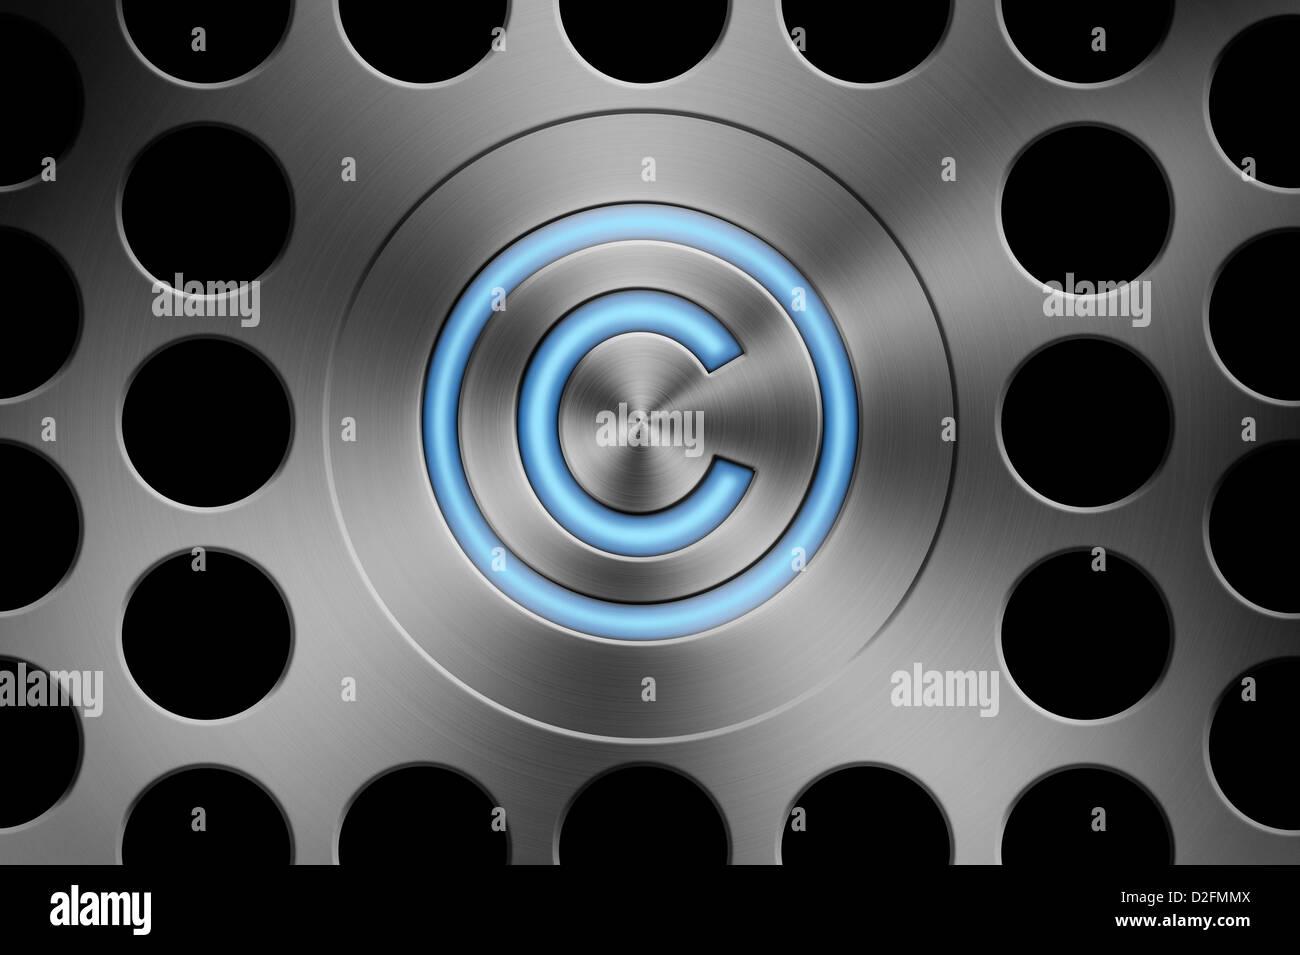 El botón del símbolo de copyright sobre un fondo estilo Mac silver Foto de stock